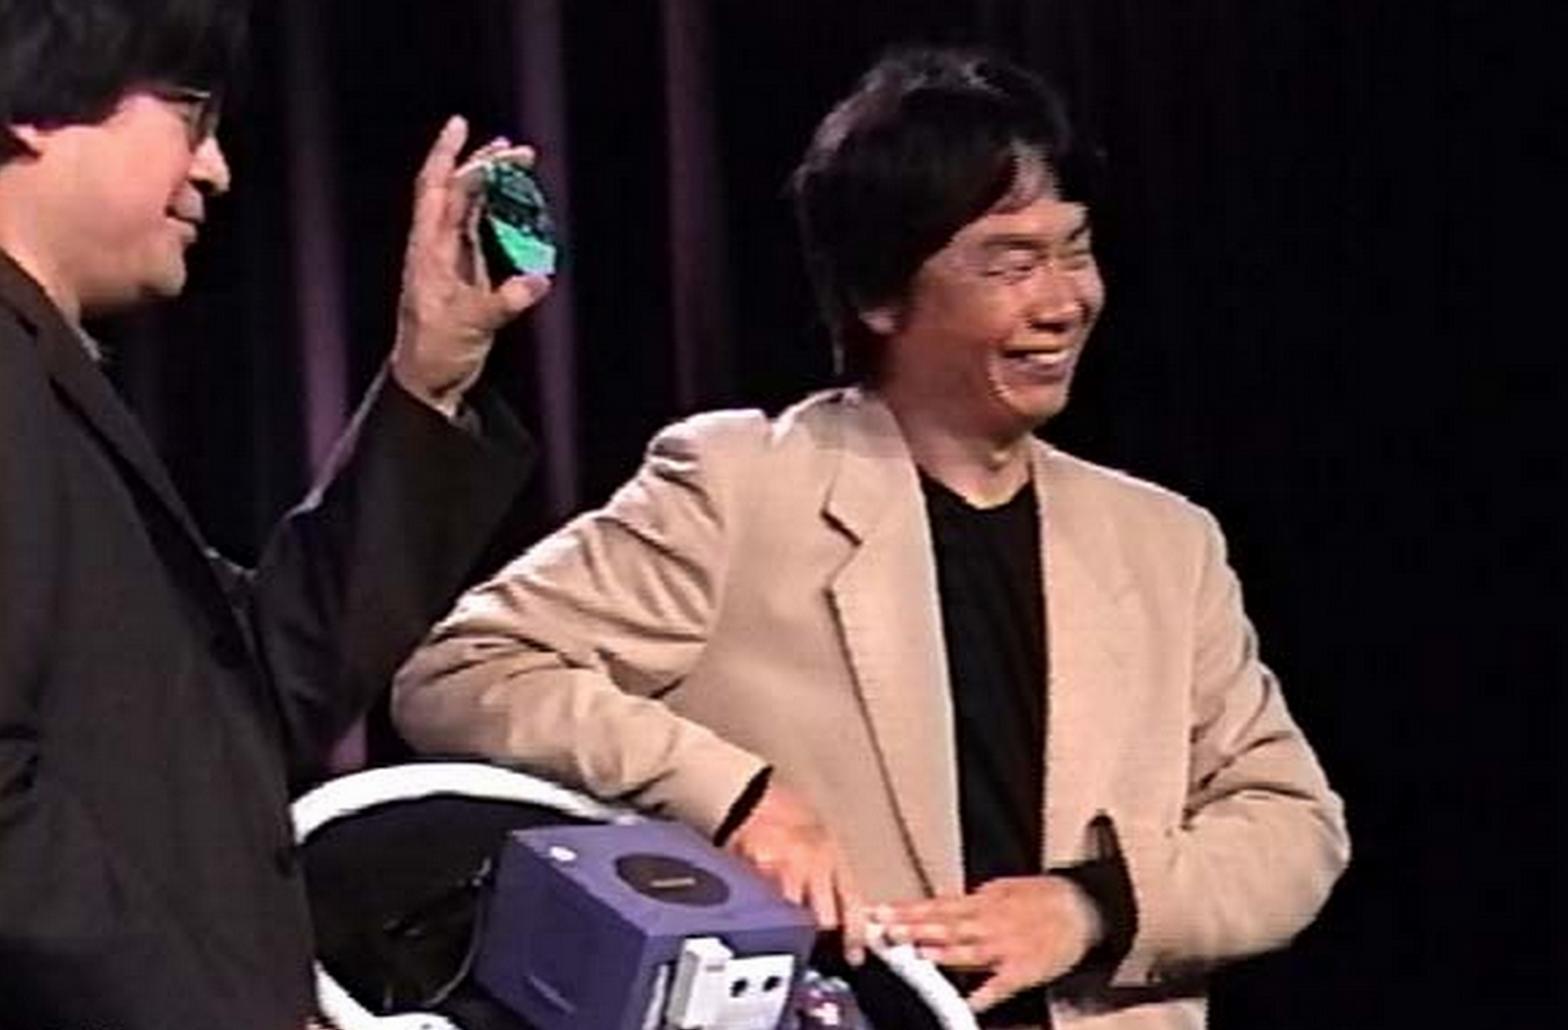 55 Year Old Nintendo President, Satoru Iwata, Dies of Health Issues 6